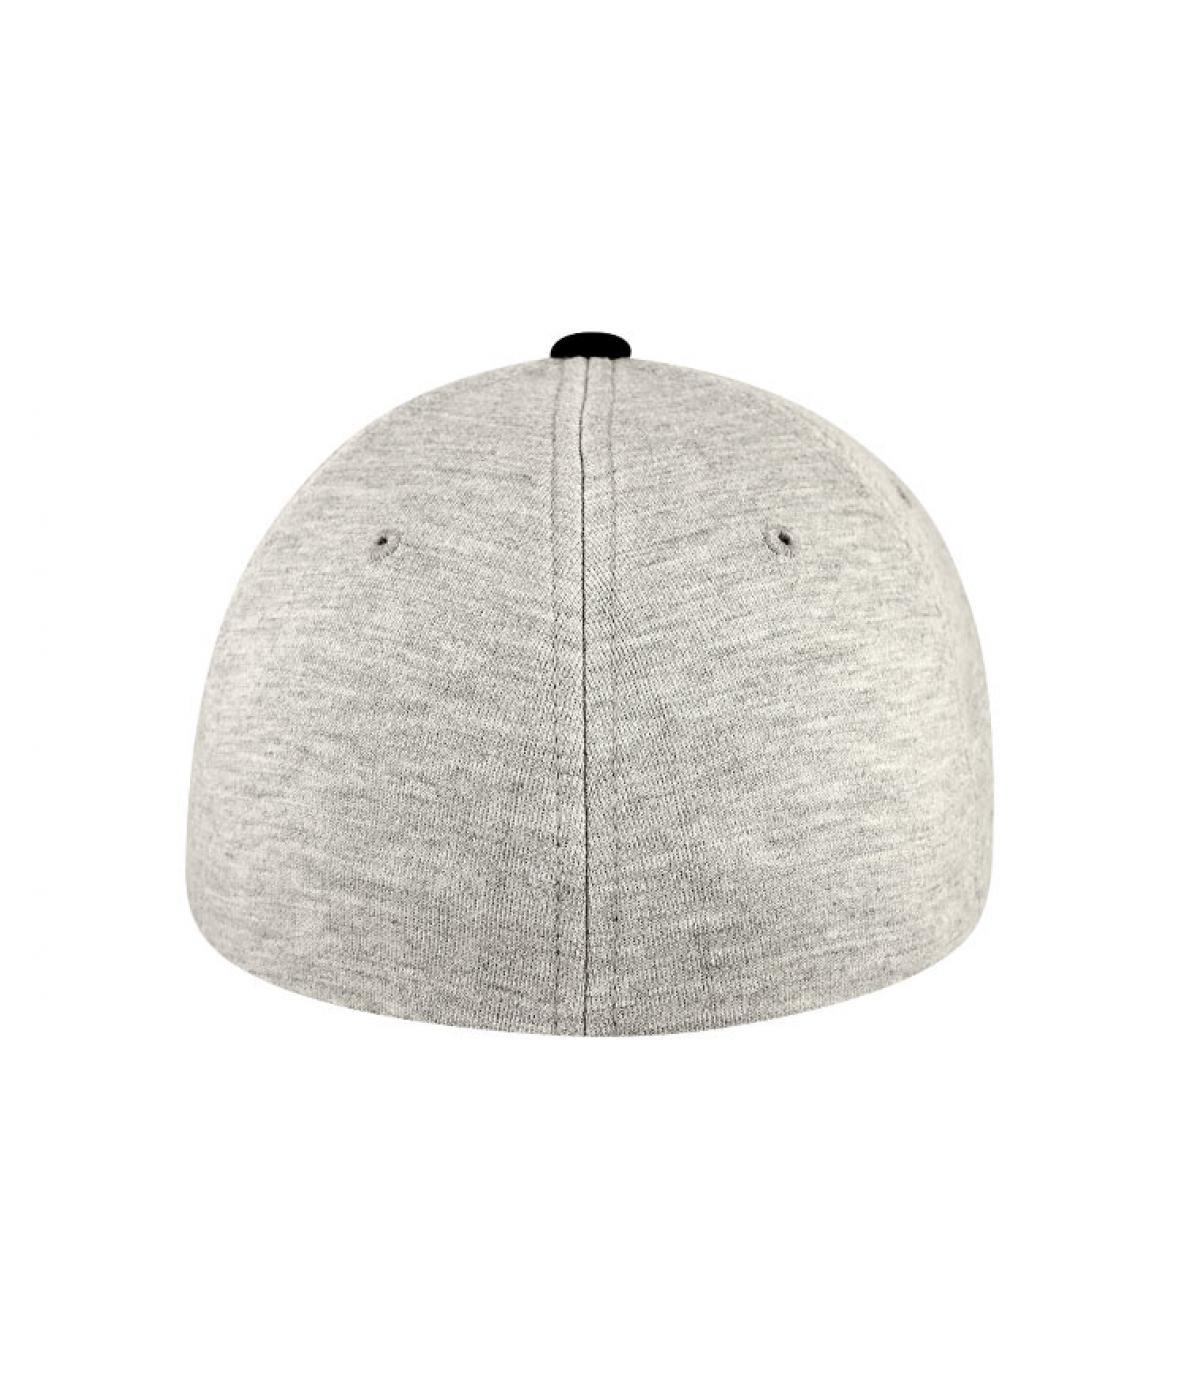 Détails Casquette jersey gris noir - image 4